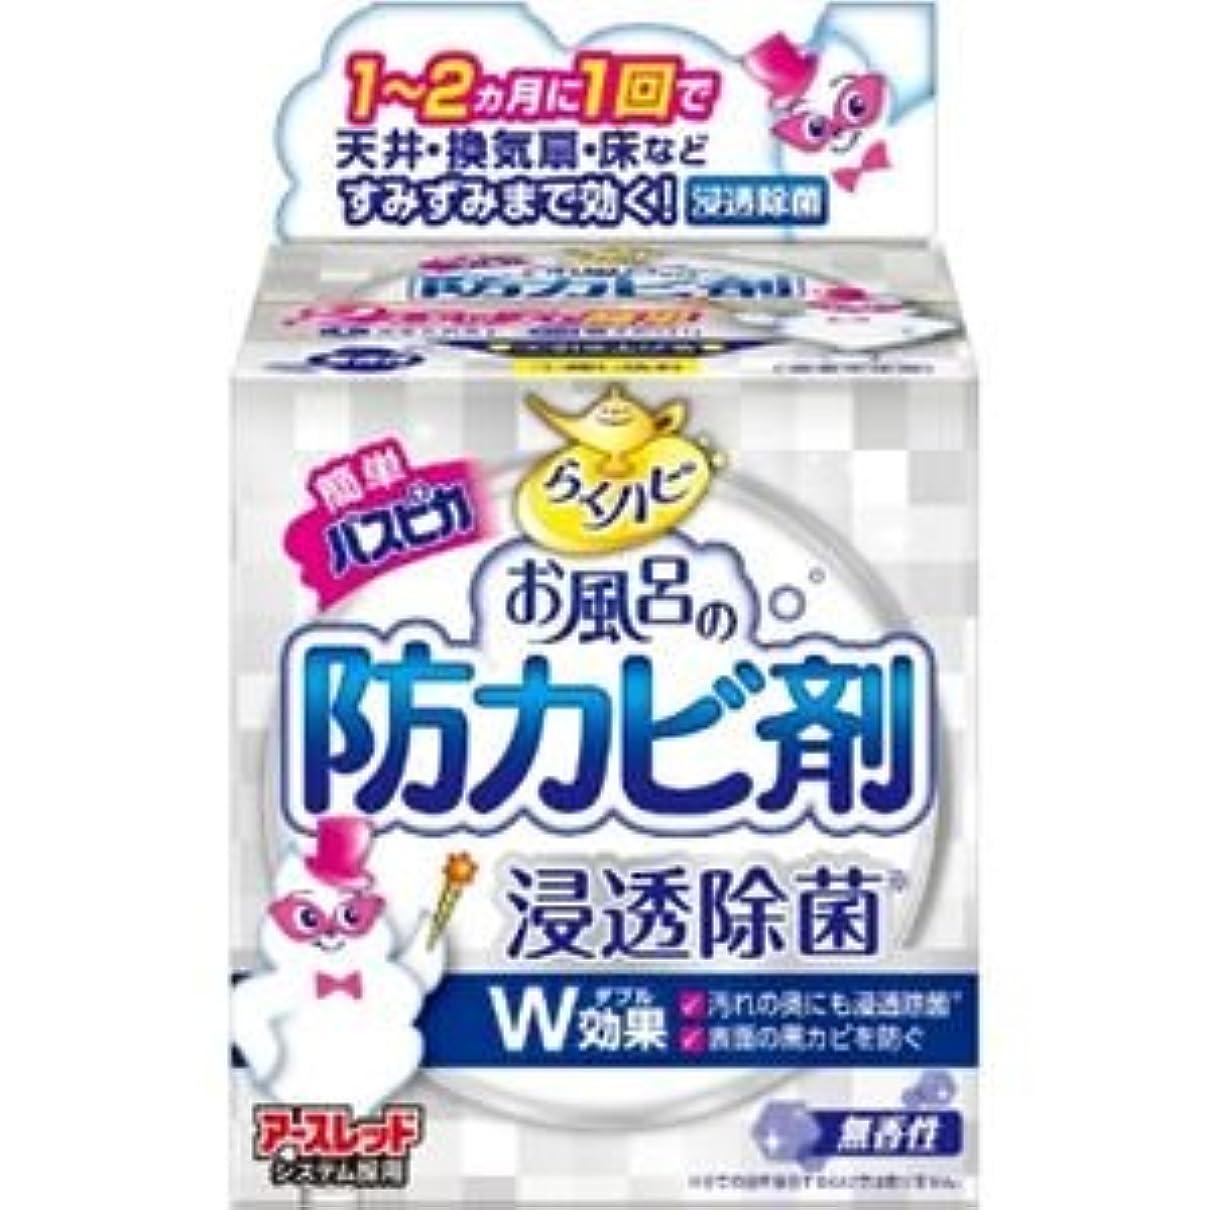 ポップ禁止するマイルストーン(まとめ)アース製薬 らくハピお風呂の防カビ剤無香性 【×3点セット】